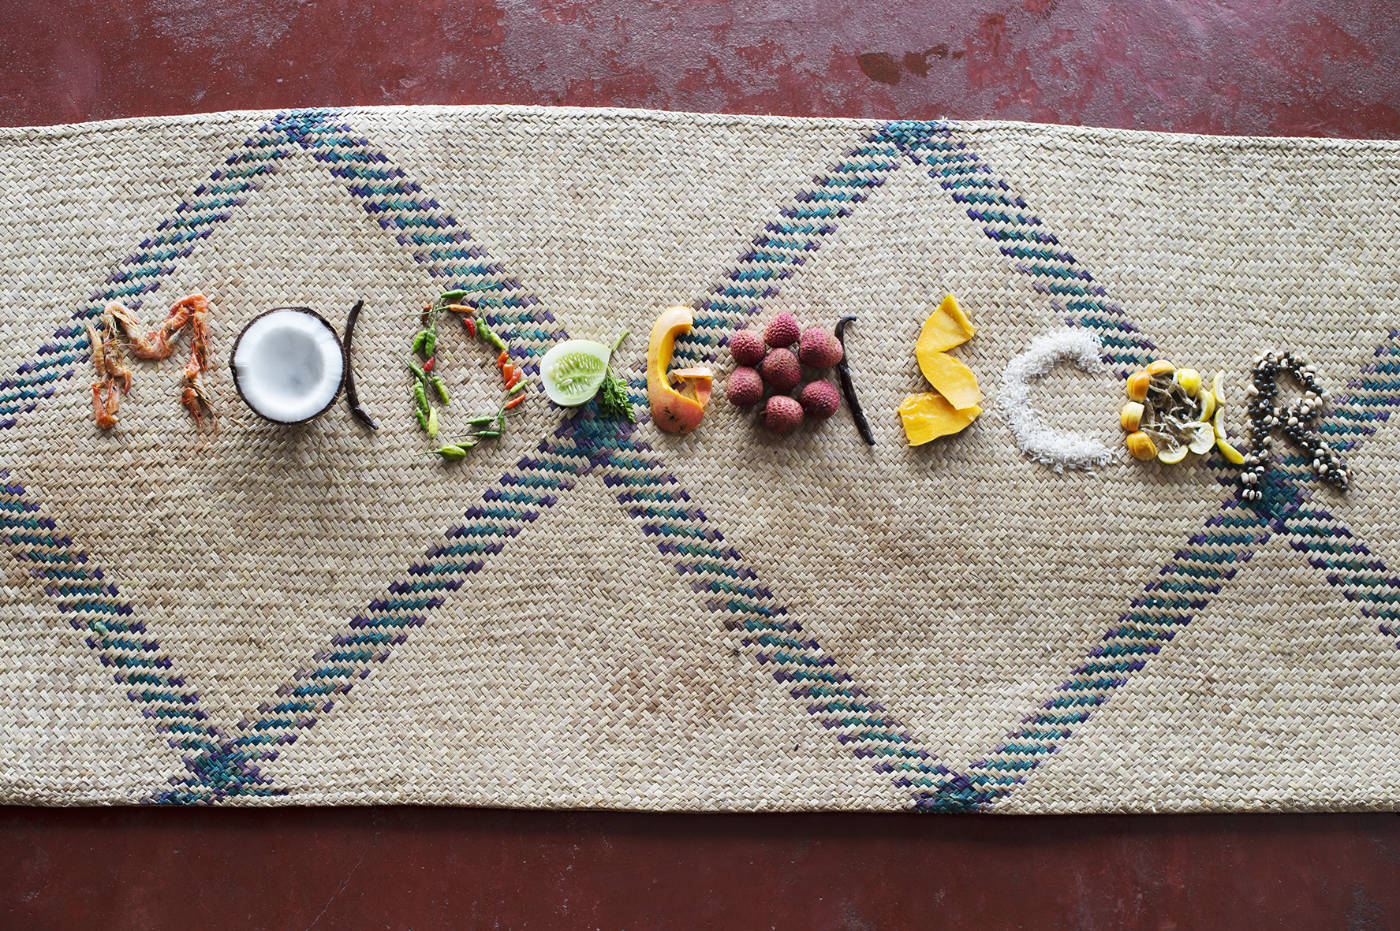 Essen in Madagaskar. Afrikanische Zutaten für das Afrika Kochbuch Eating with Africa